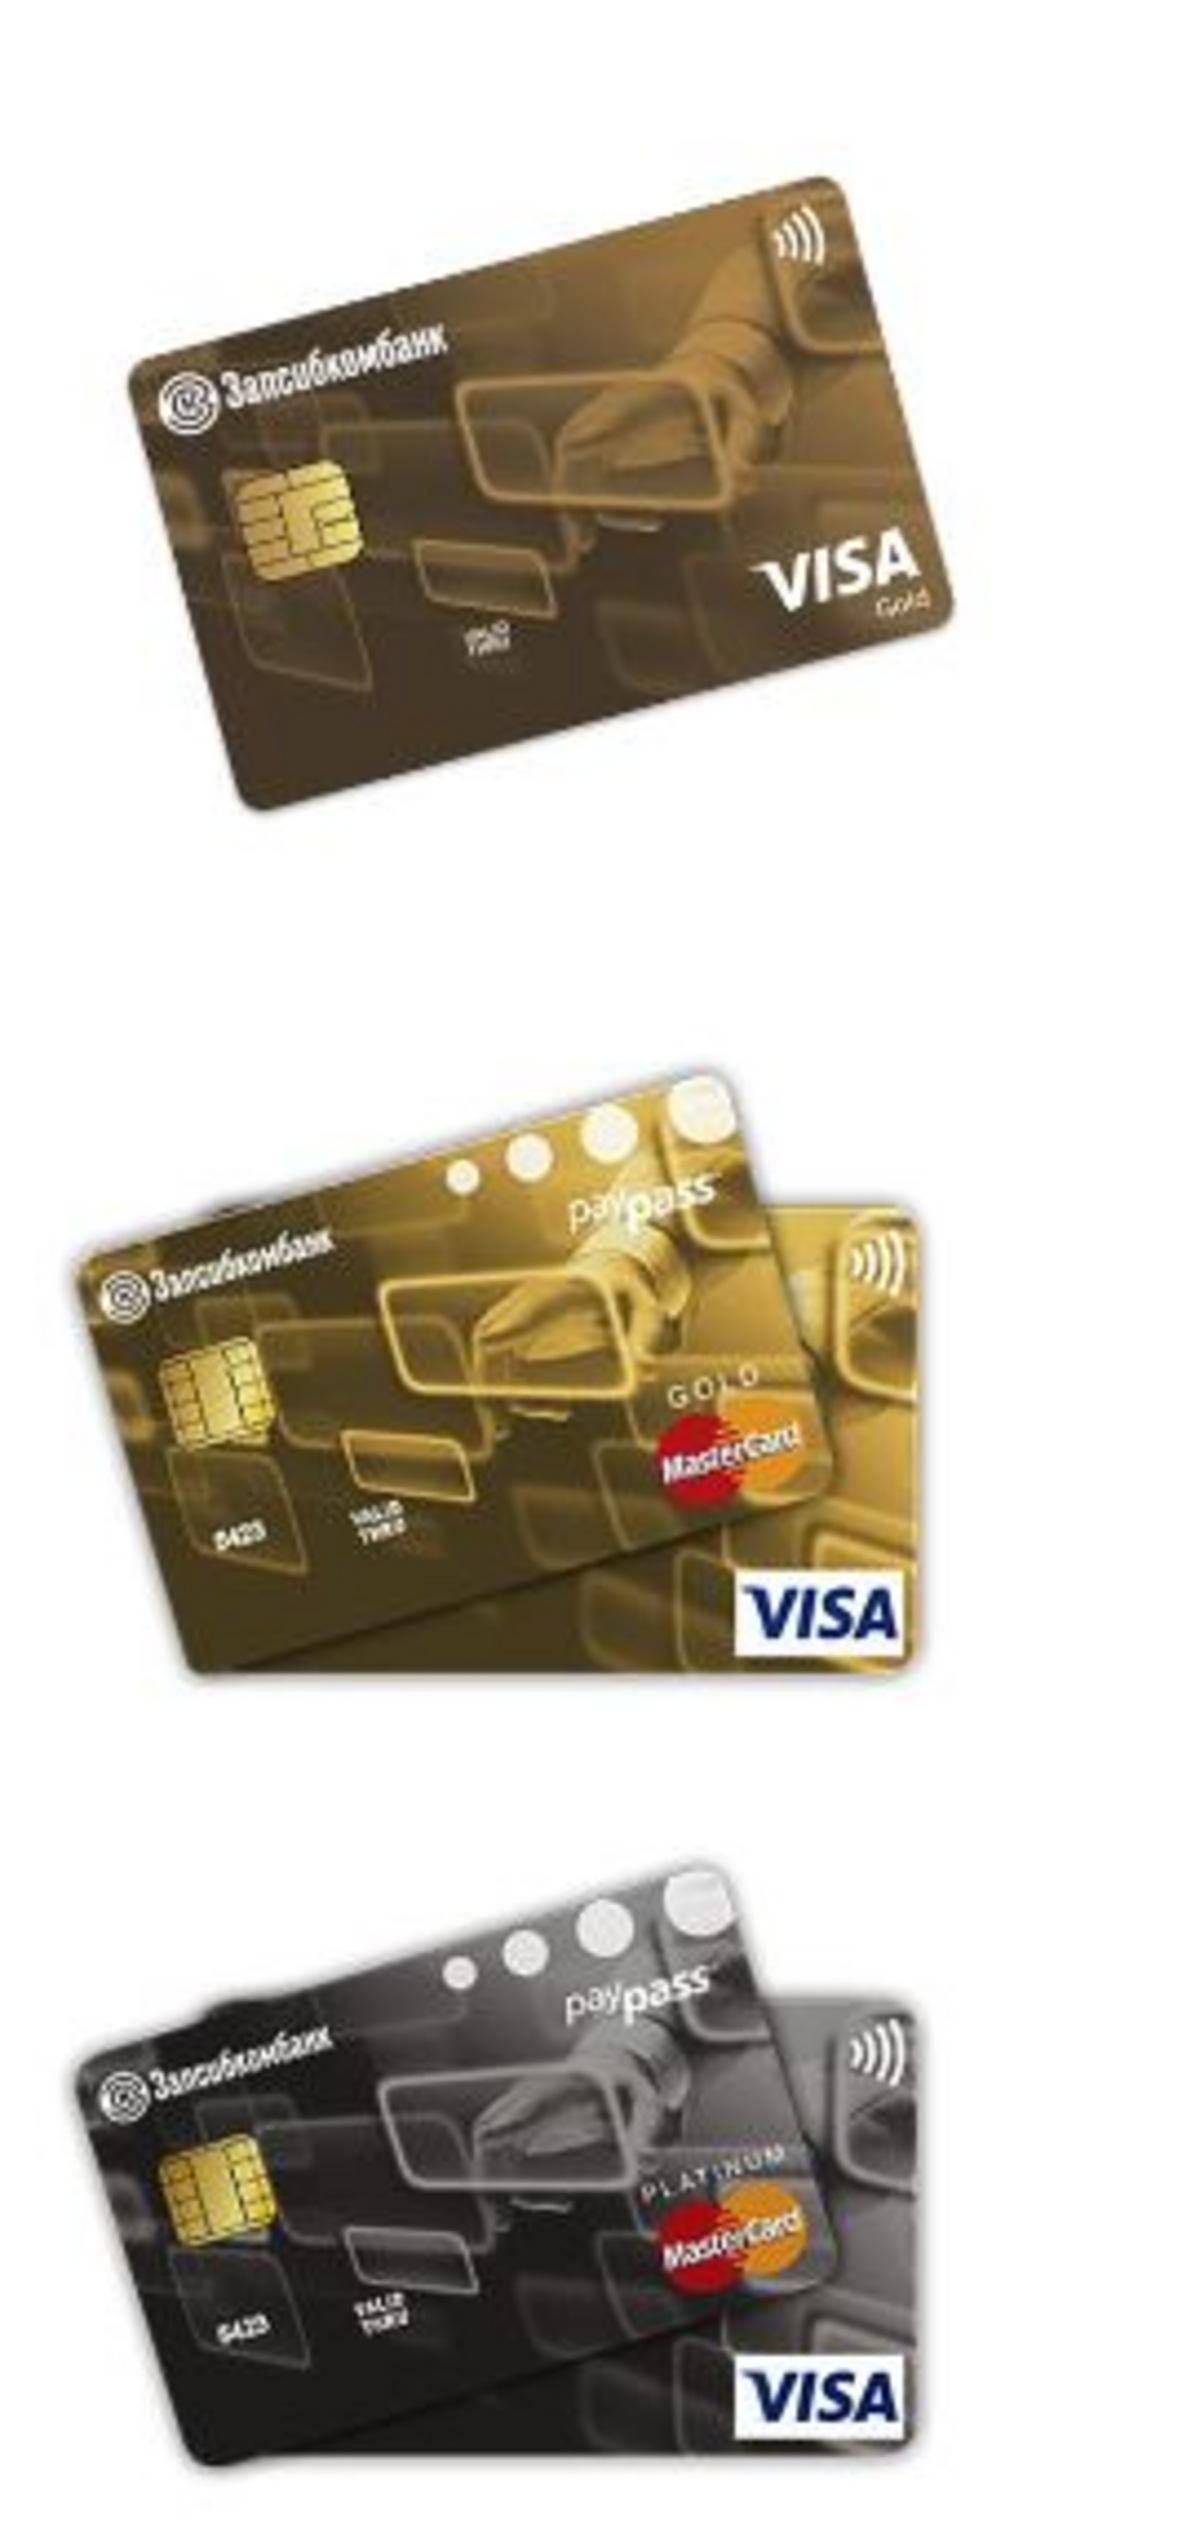 заявка на кредитную карту запсибкомбанка